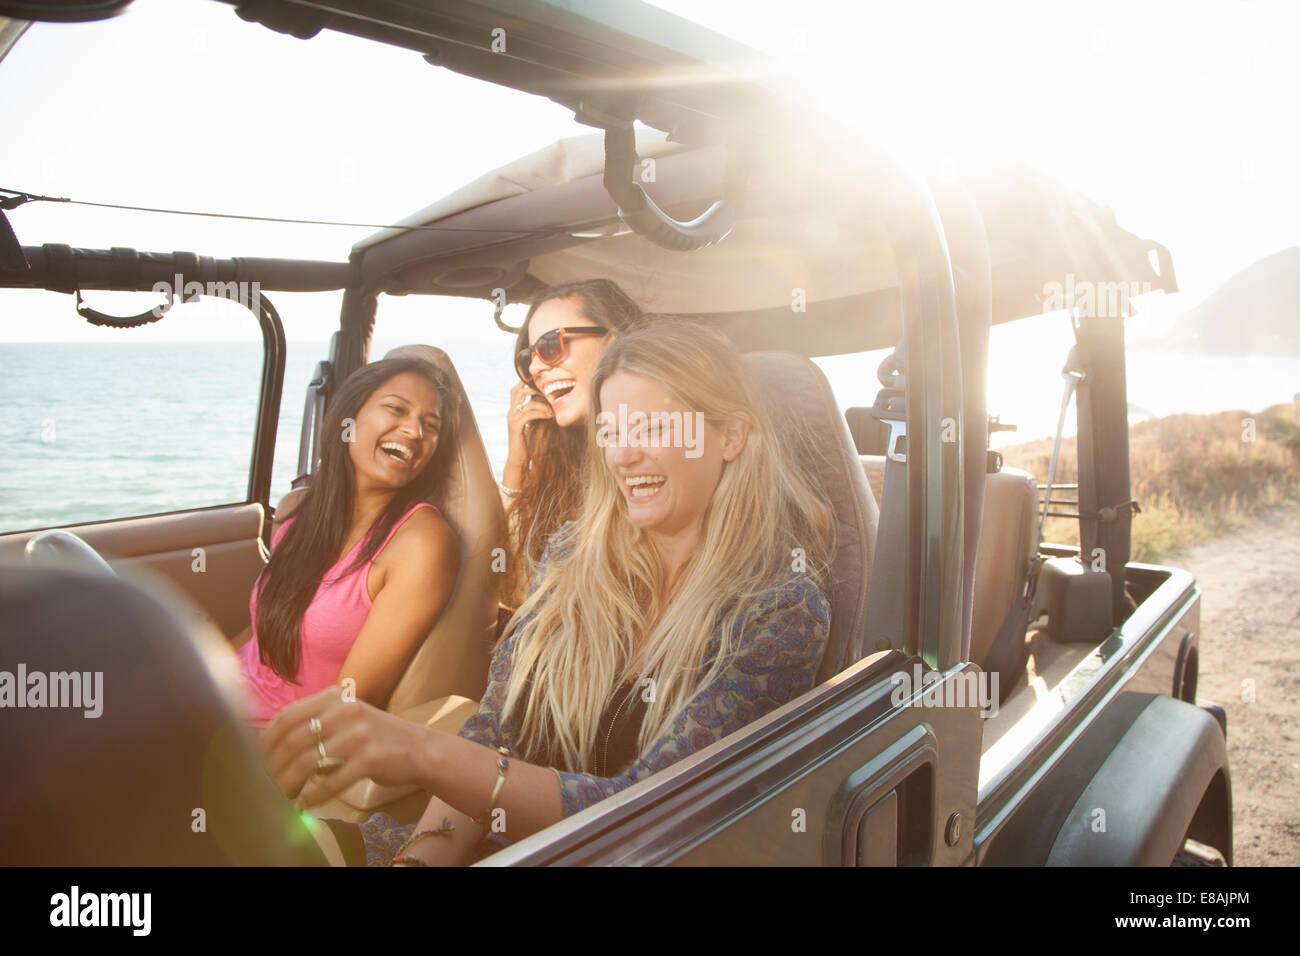 Drei junge Frauen fahren im Jeep an Küste, Malibu, Kalifornien, USA Stockbild